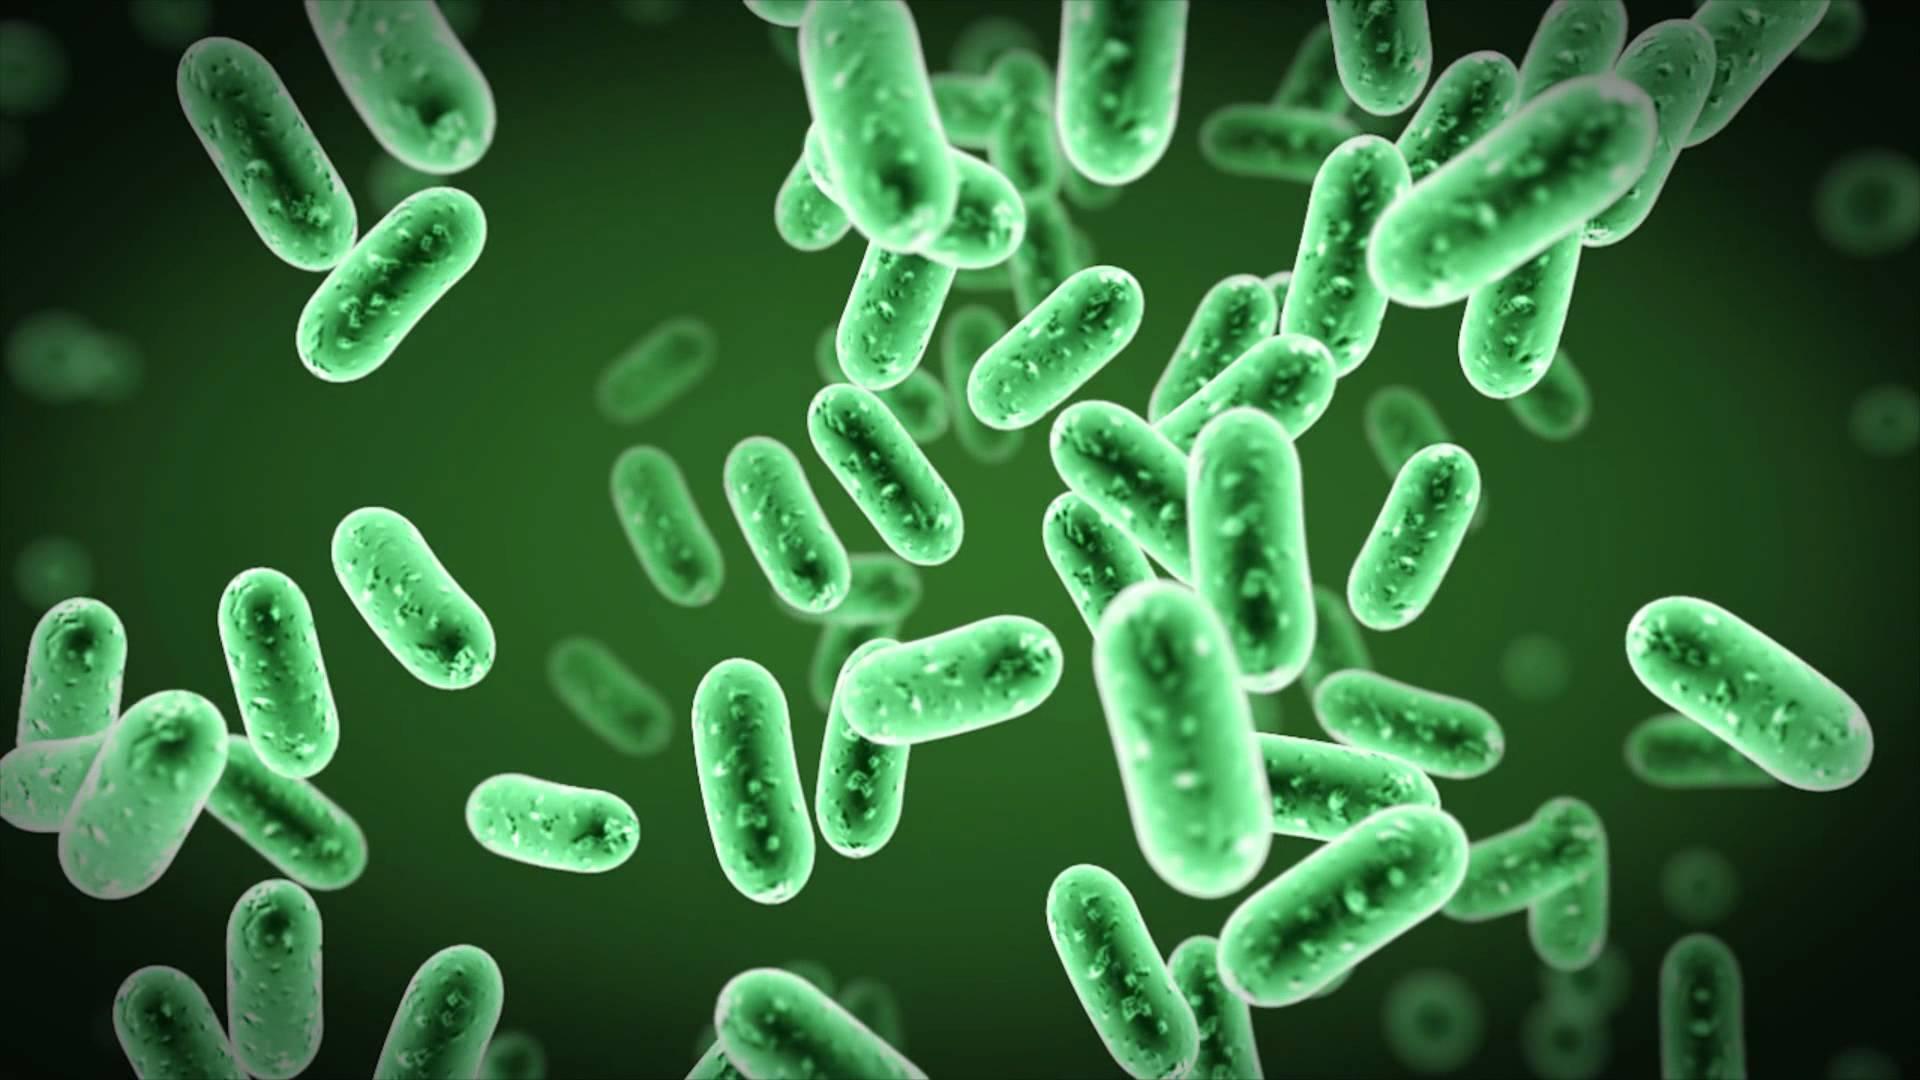 Βακτήρια εντέρου: Επιστήμονες αναγνωρίζουν πώς τα ακίνδυνα βακτήρια μπορούν να γίνουν θανατηφόρα